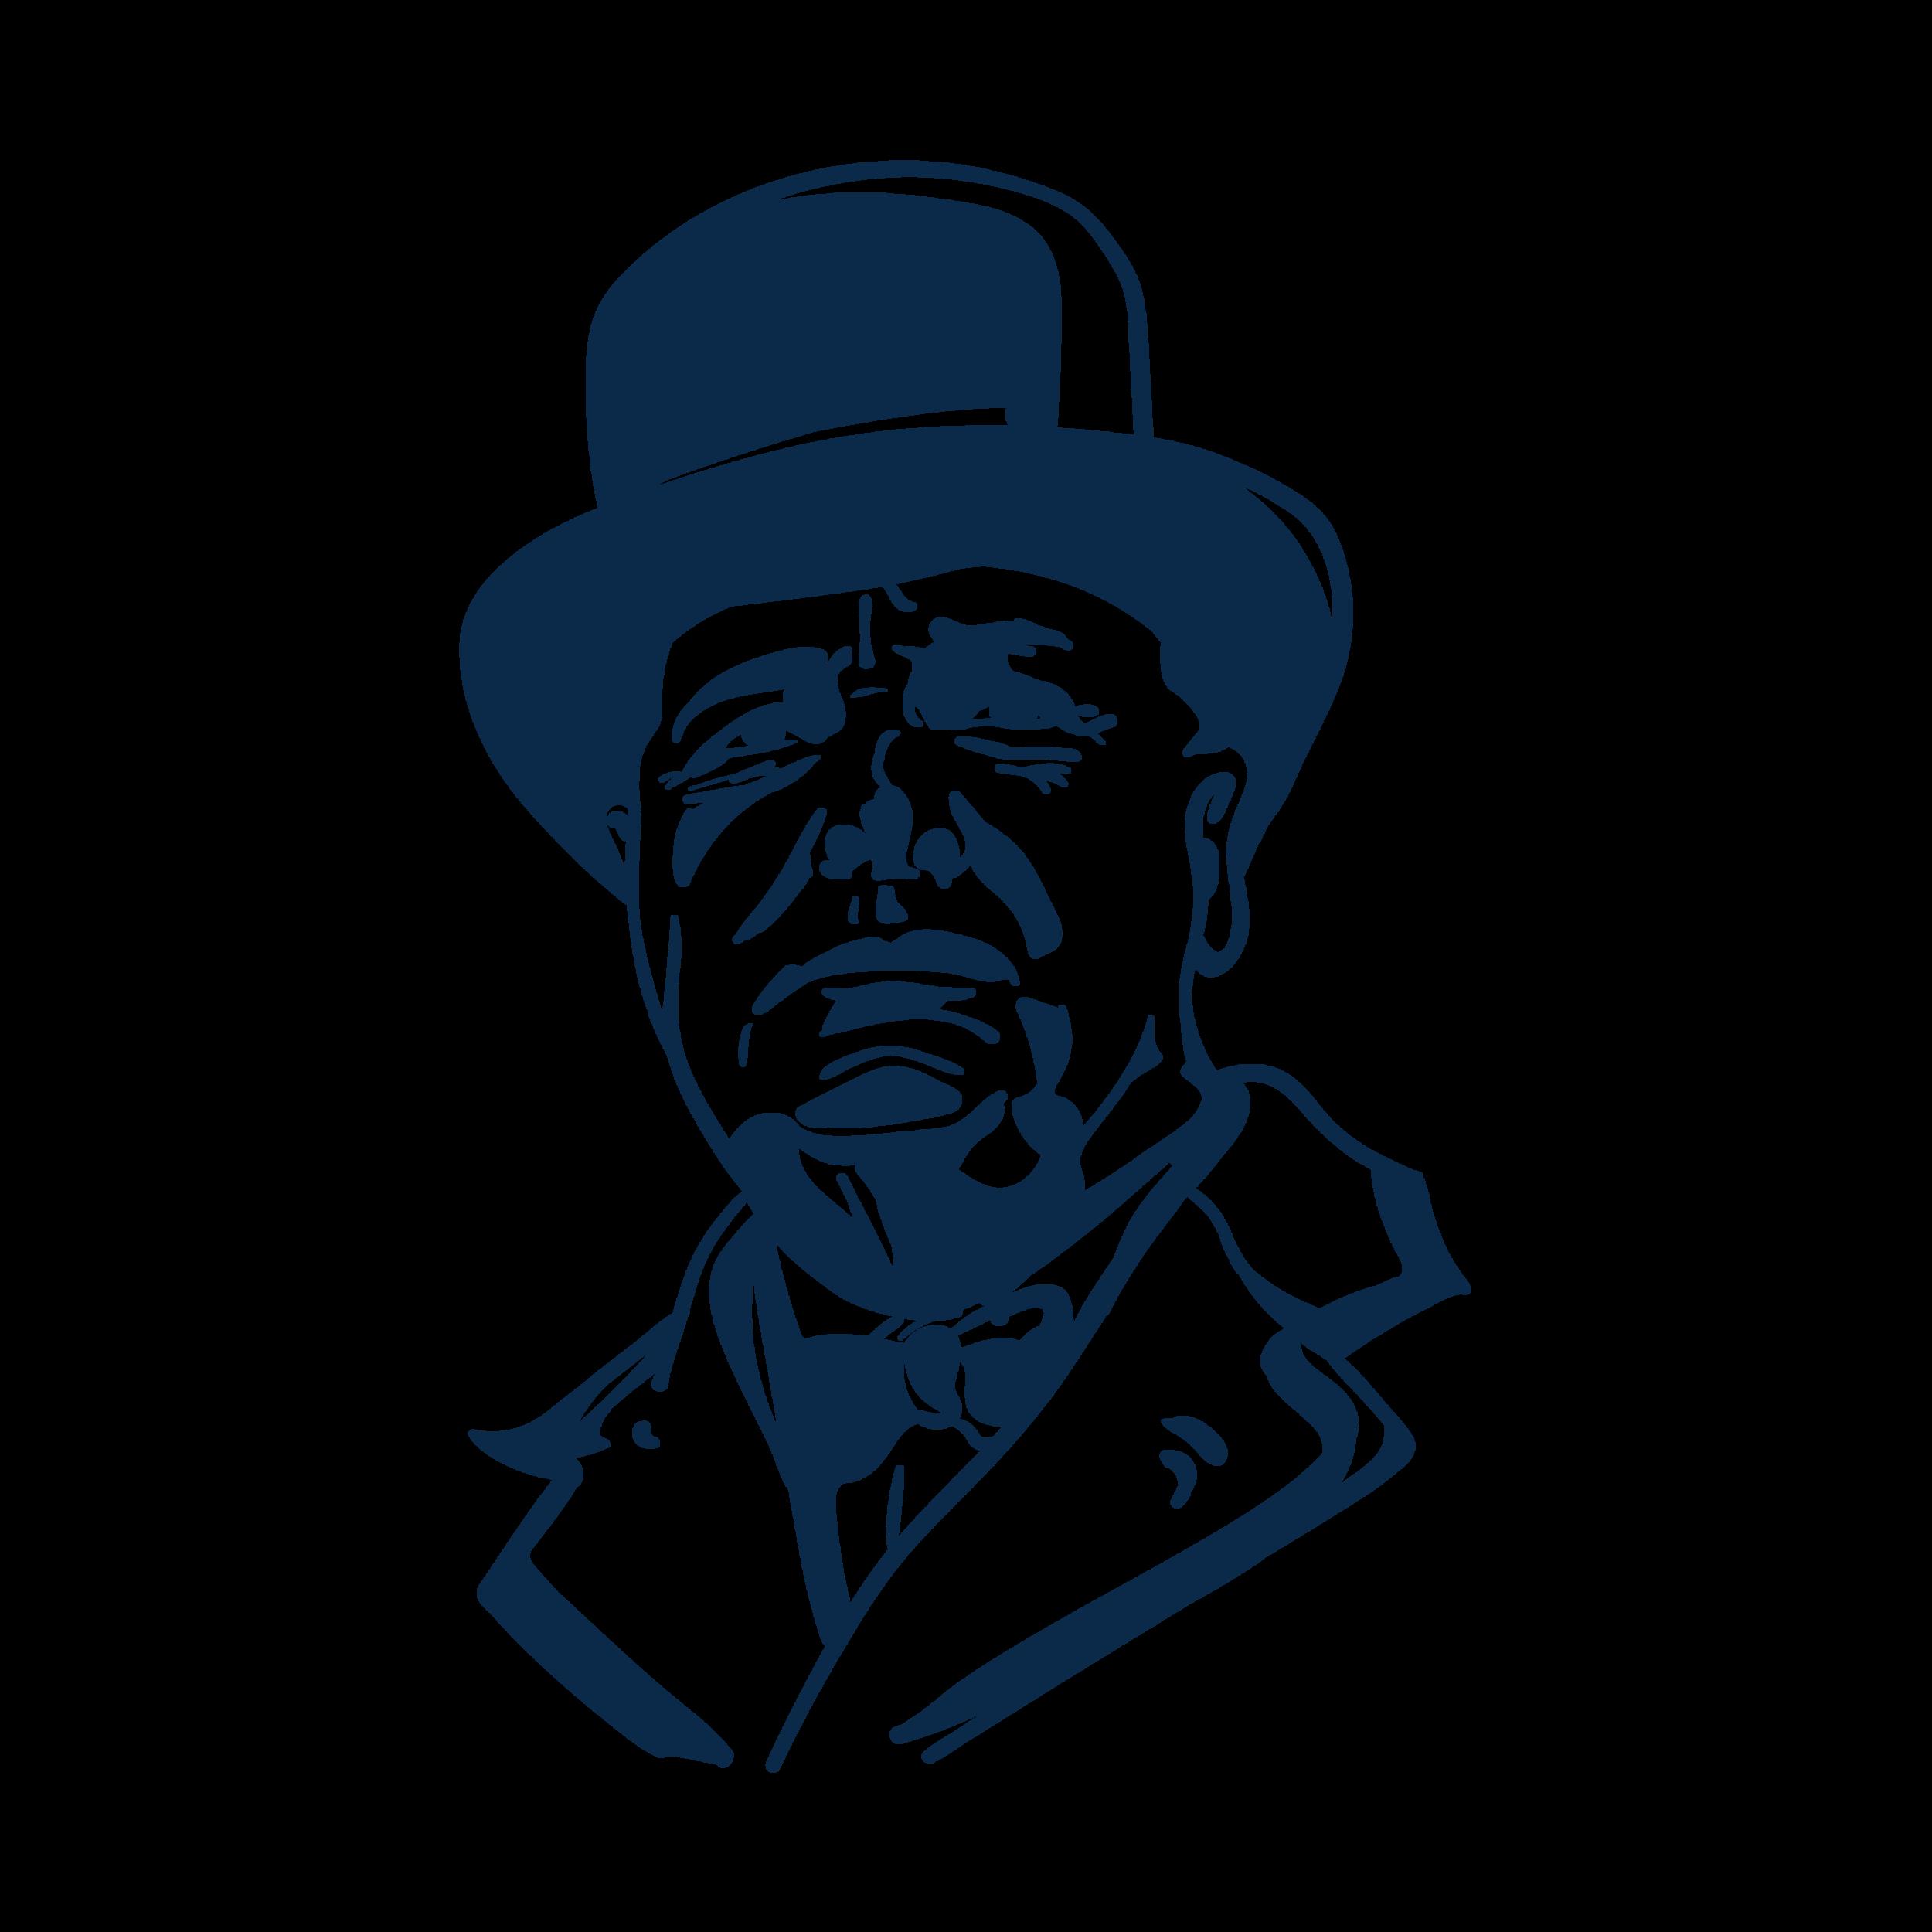 Winston_Churchill_Illustration_R1-01.png